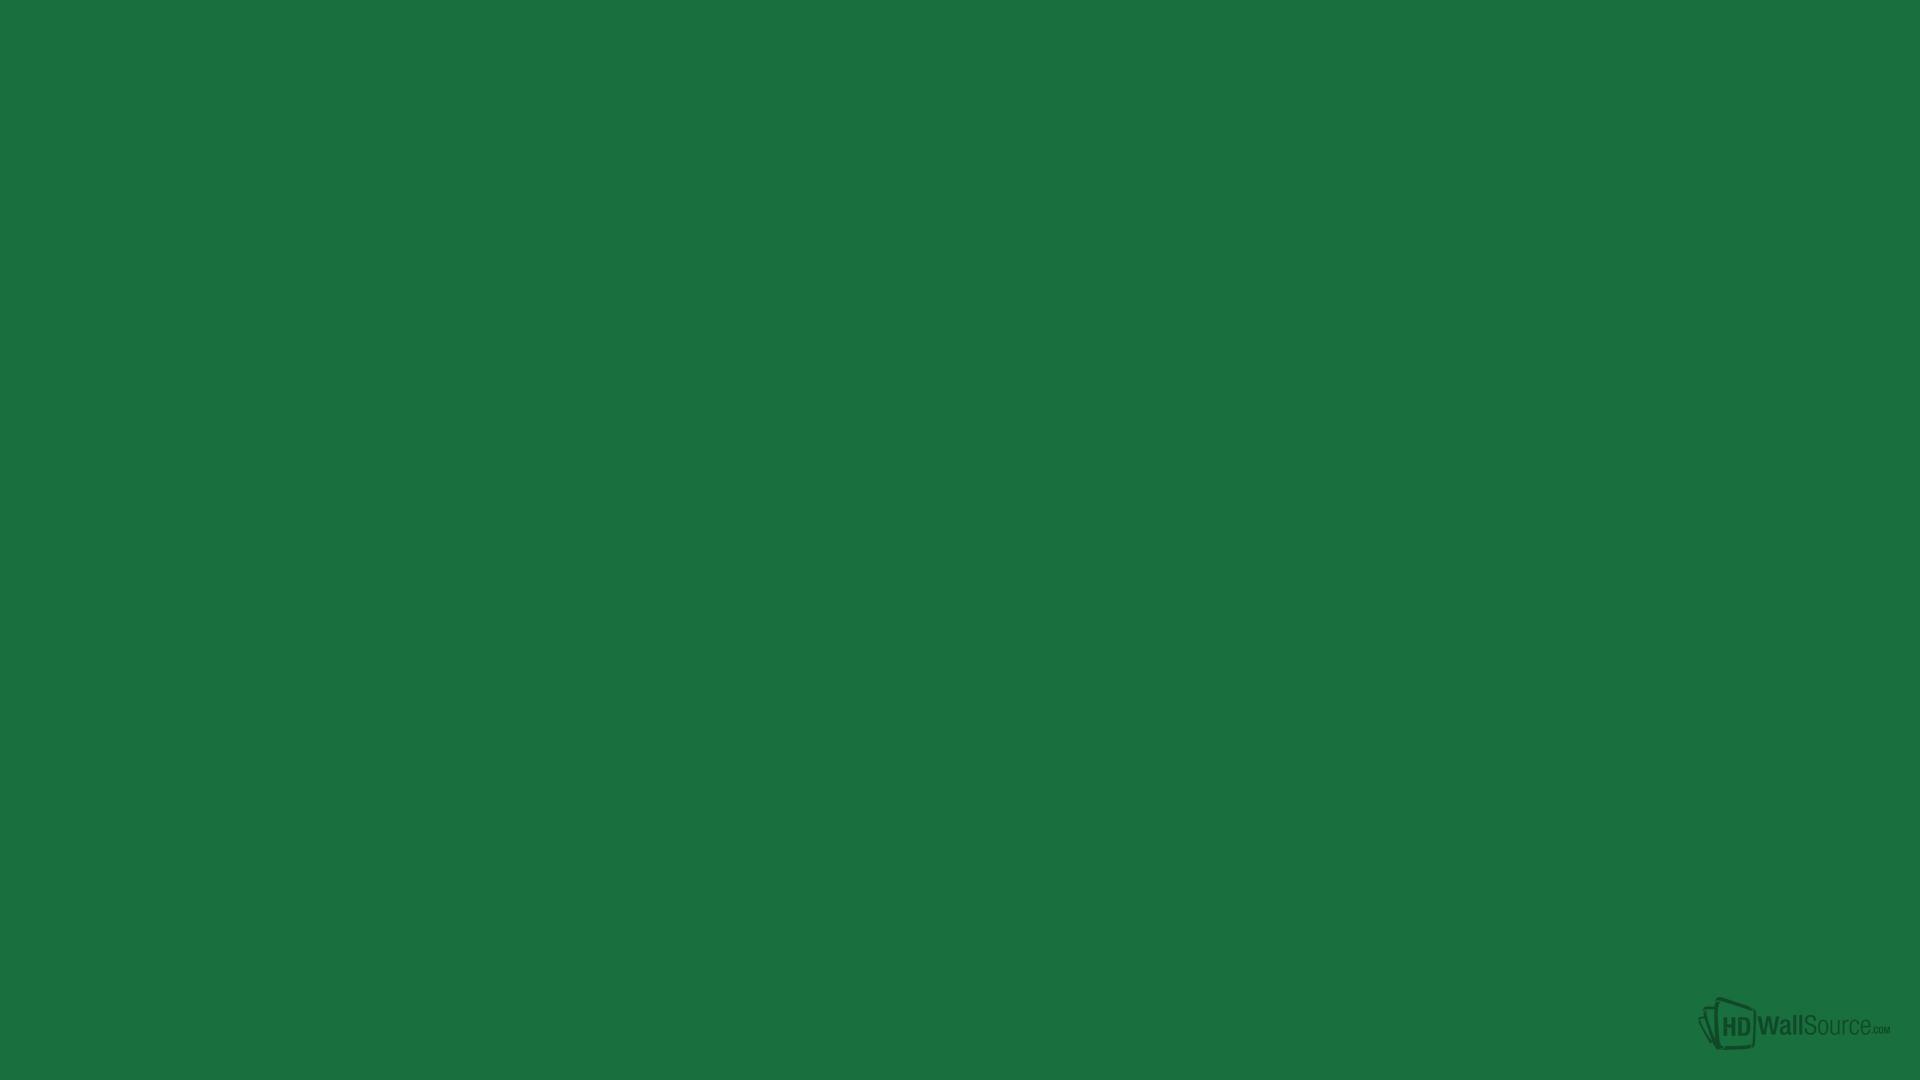 196f3d wallpaper 70801